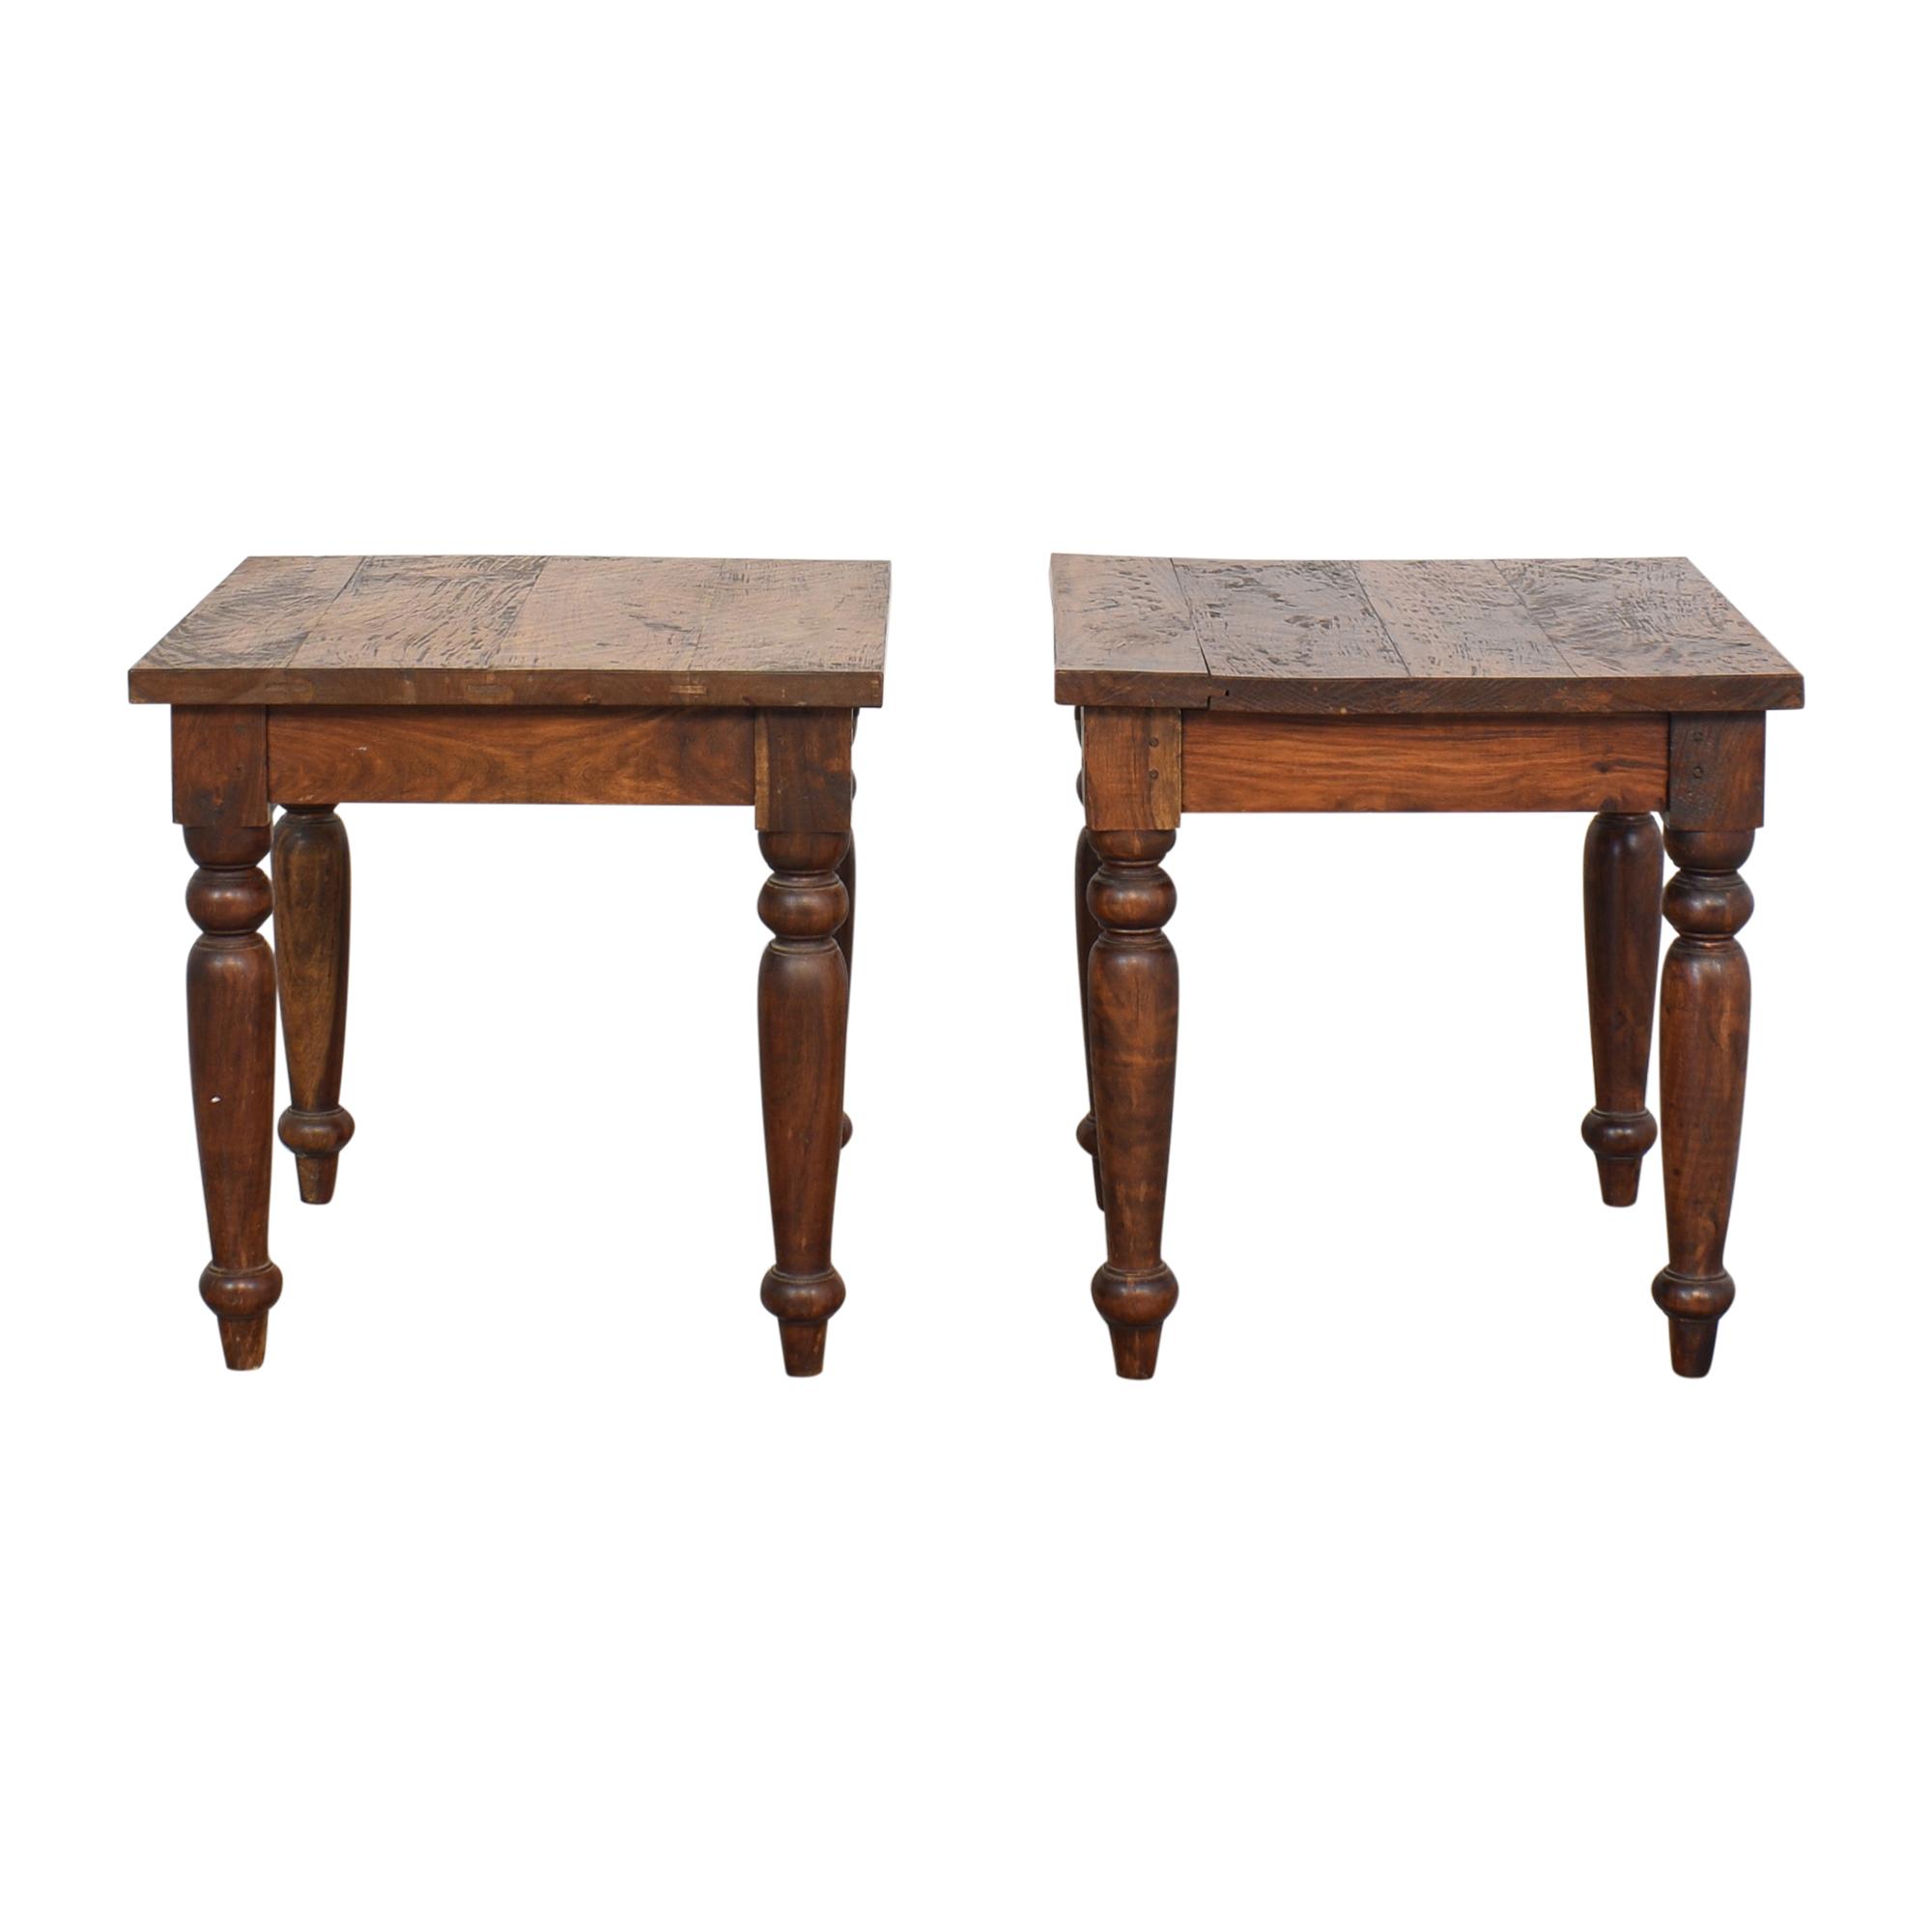 Crate & Barrel End Tables / Tables